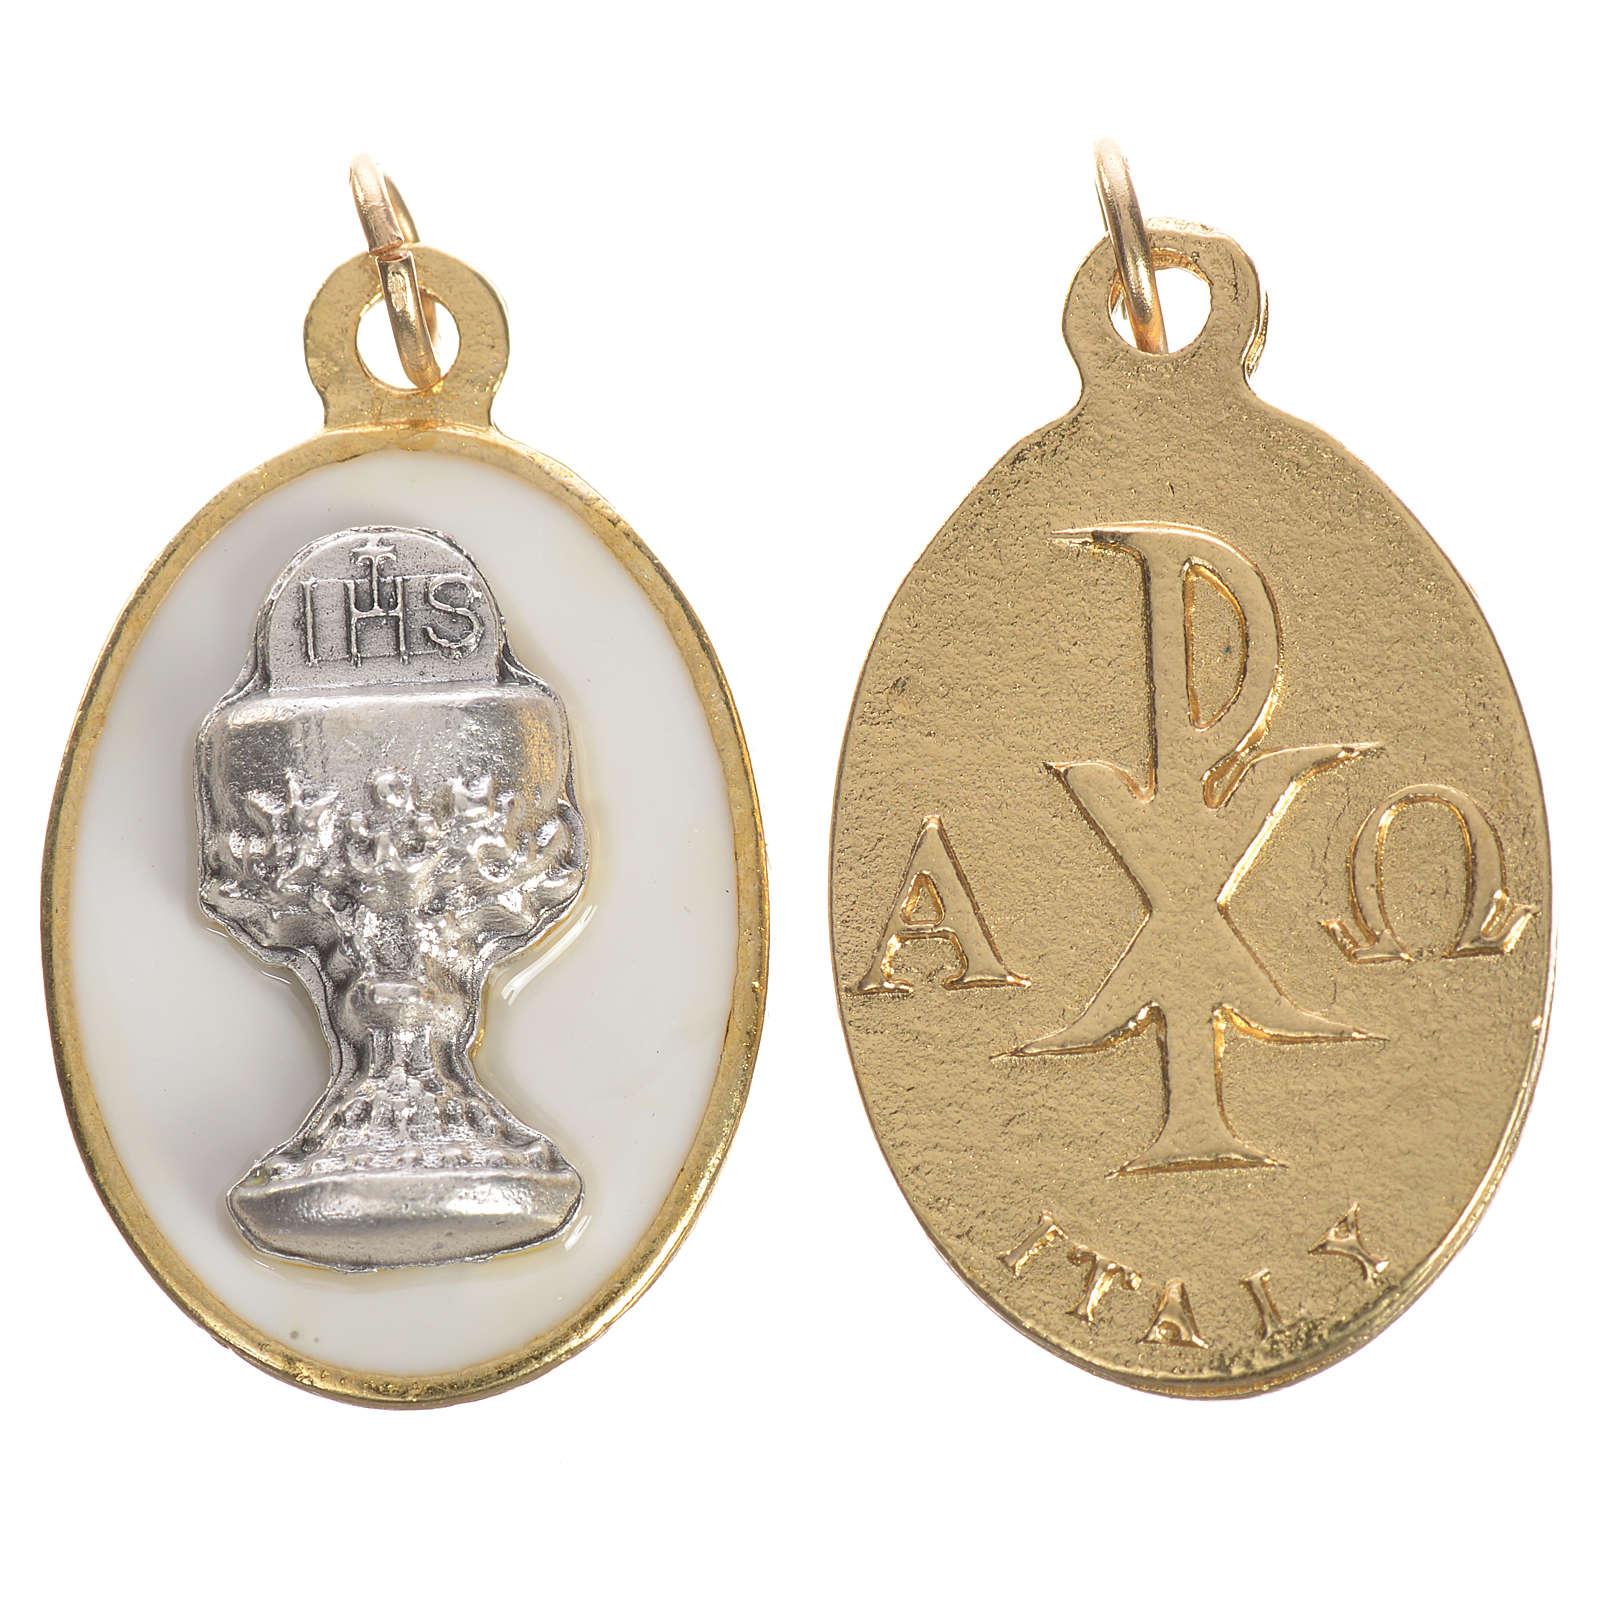 Medaglia Calice metallo smalto 2,2 cm 4